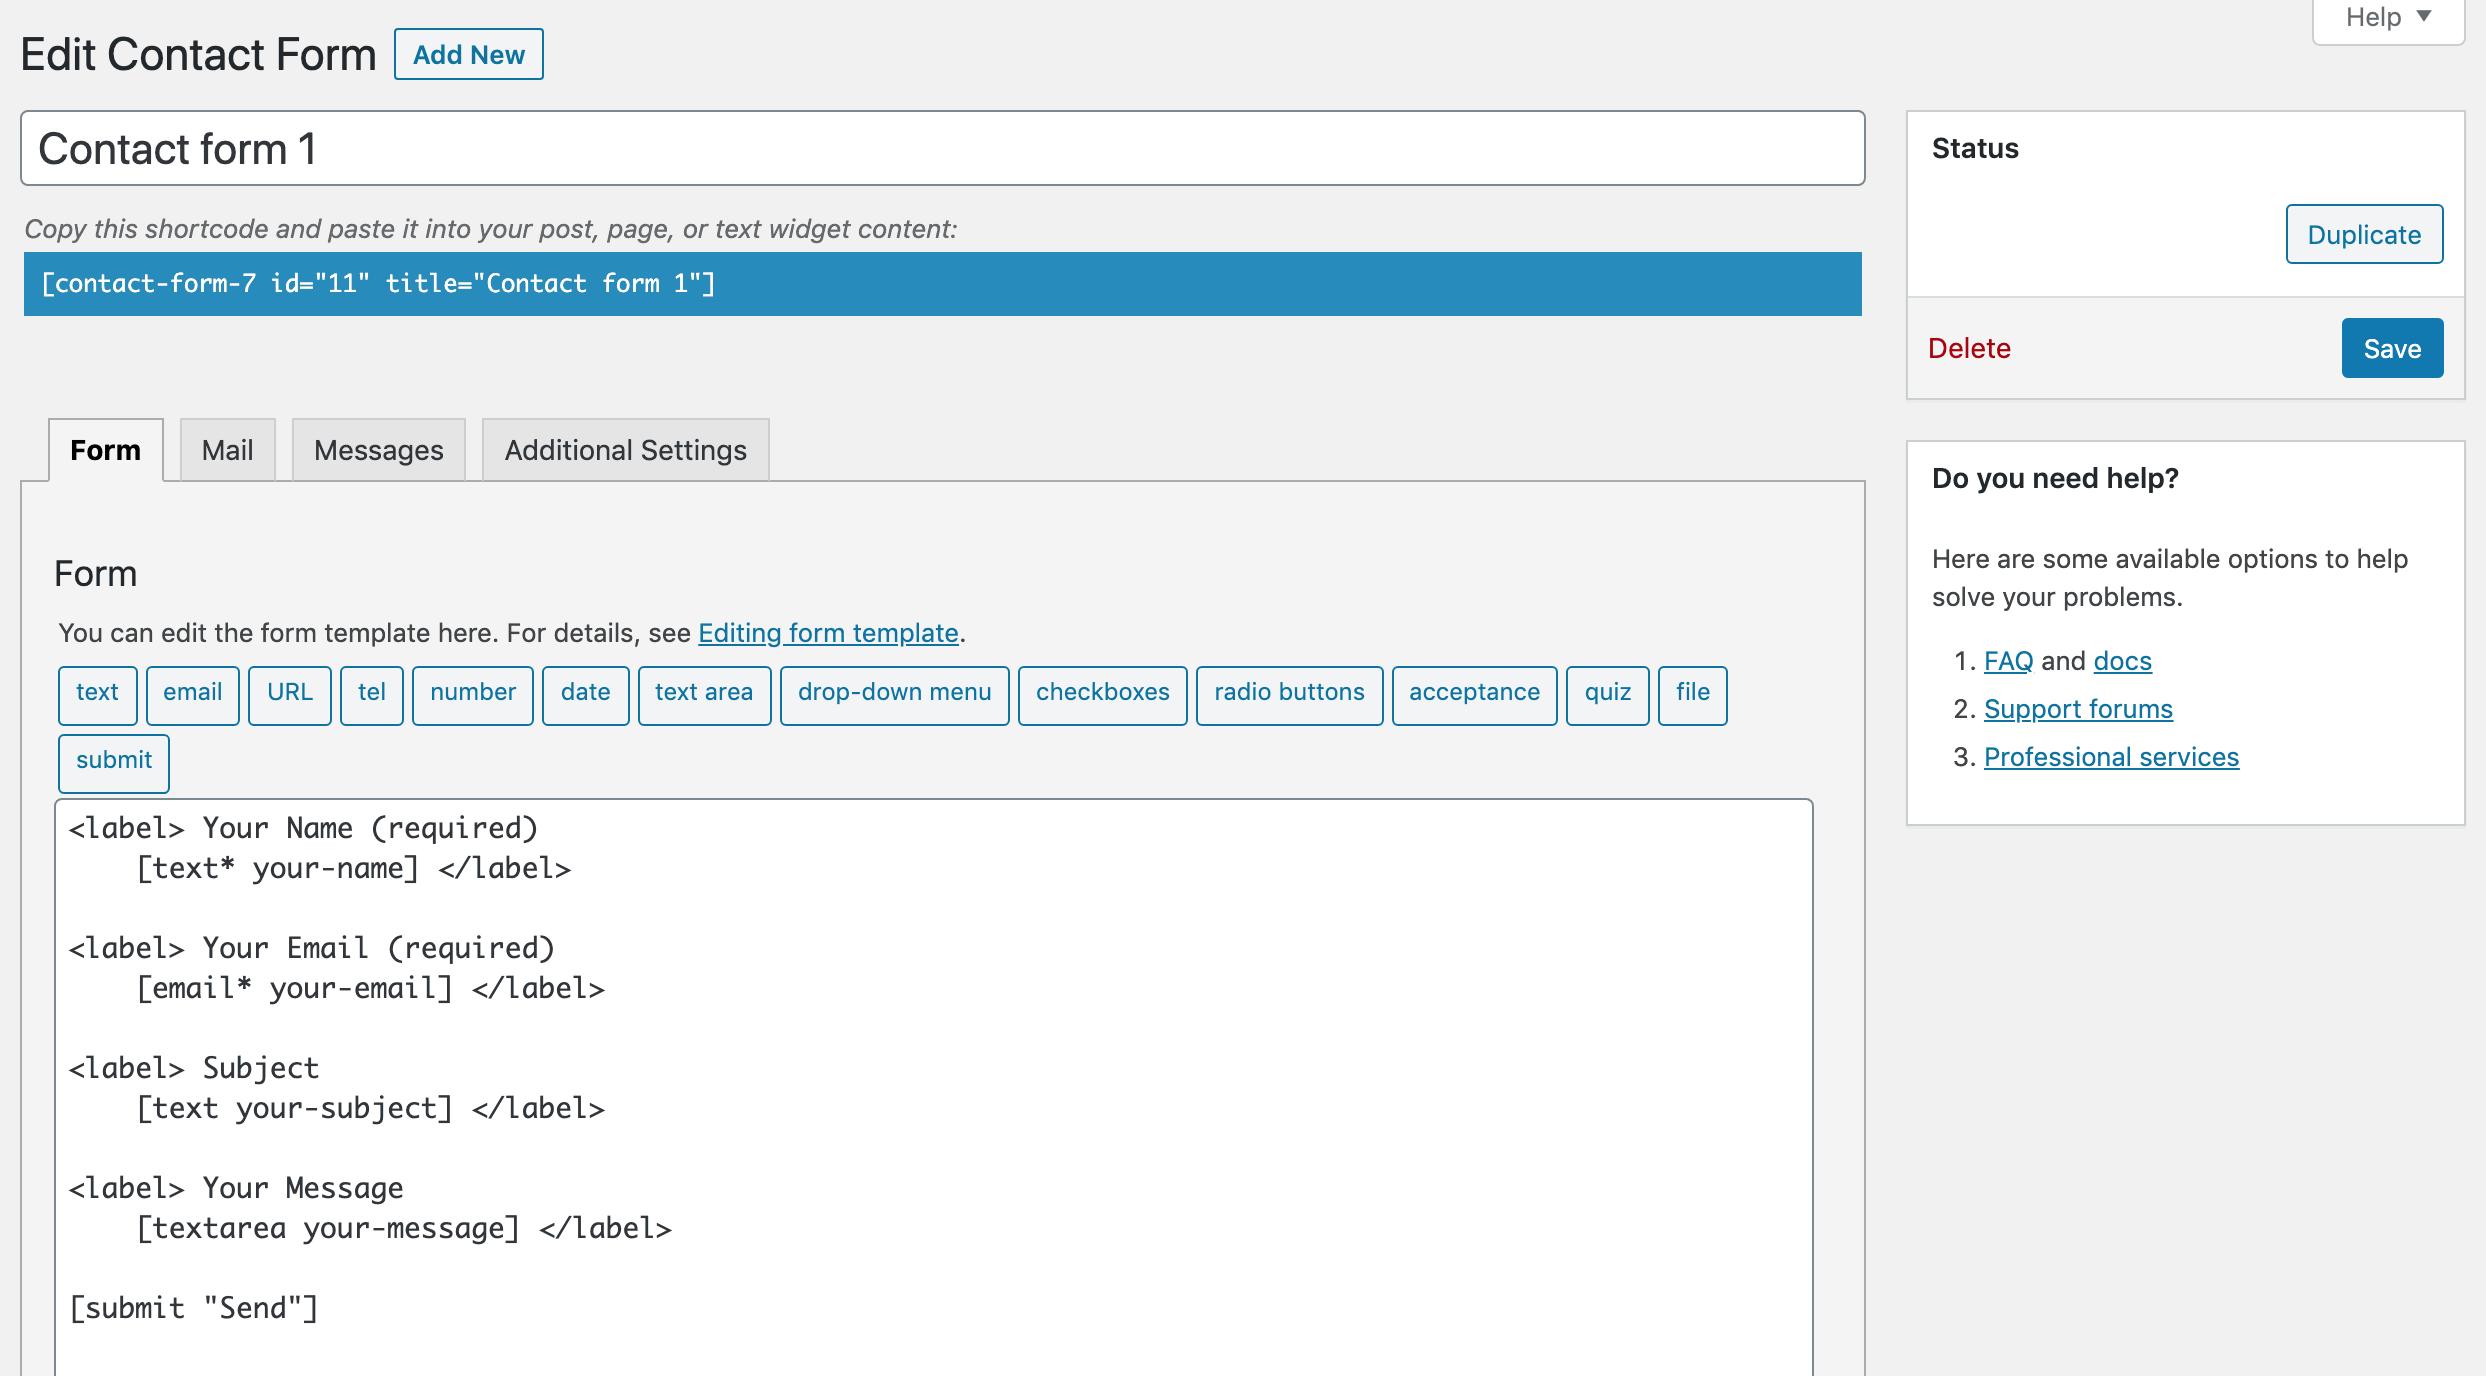 contact form 7 edit contact form